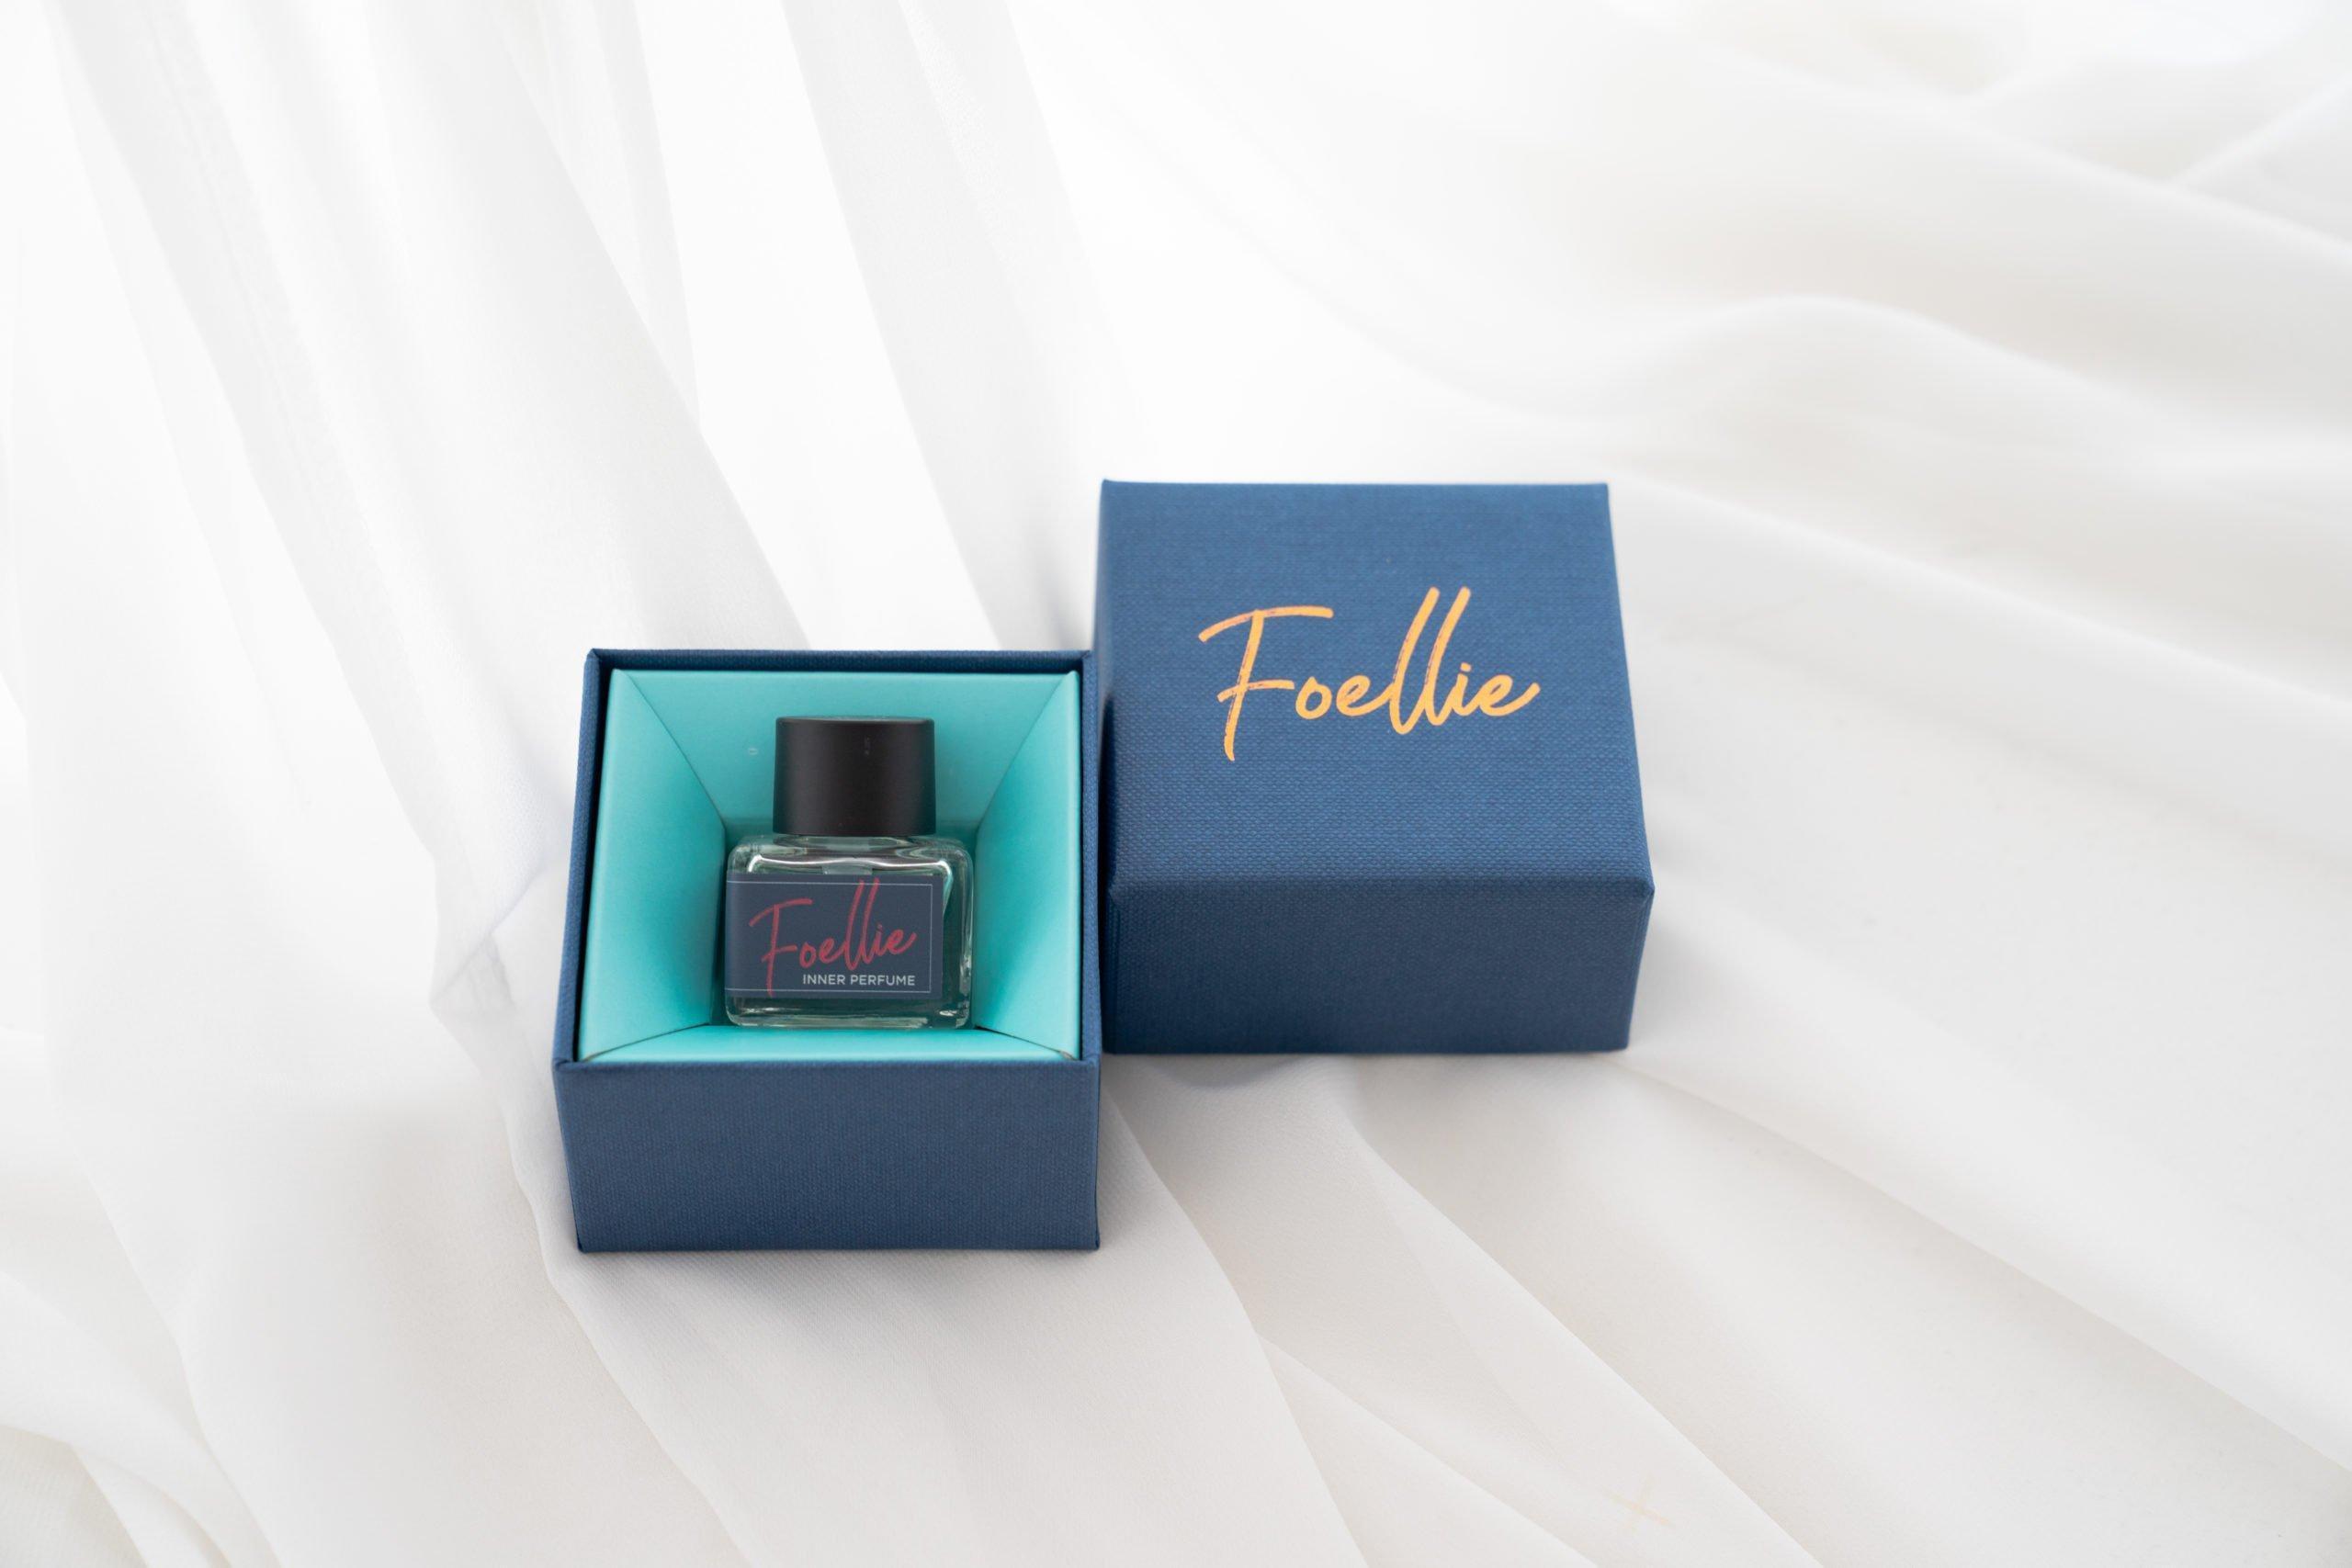 Nước hoa vùng kín Foellie Eau de Vogue (chai màu xanh) (Ảnh Internet)